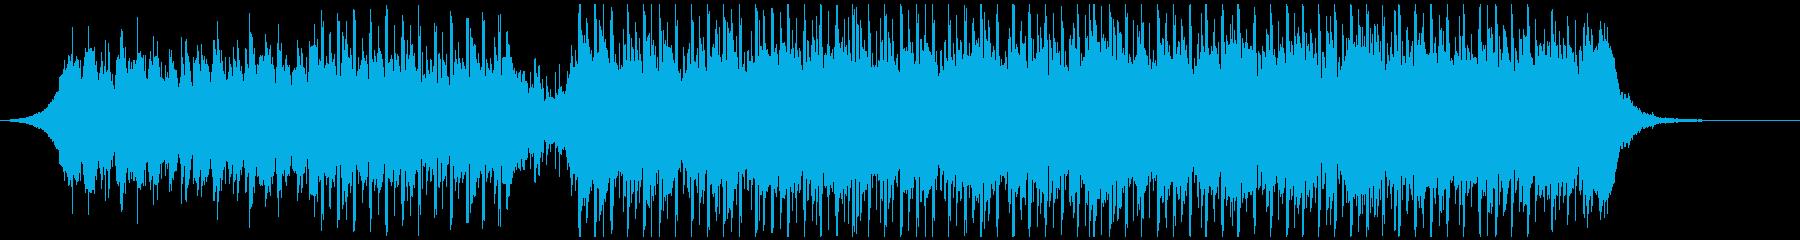 情報(60秒)の再生済みの波形